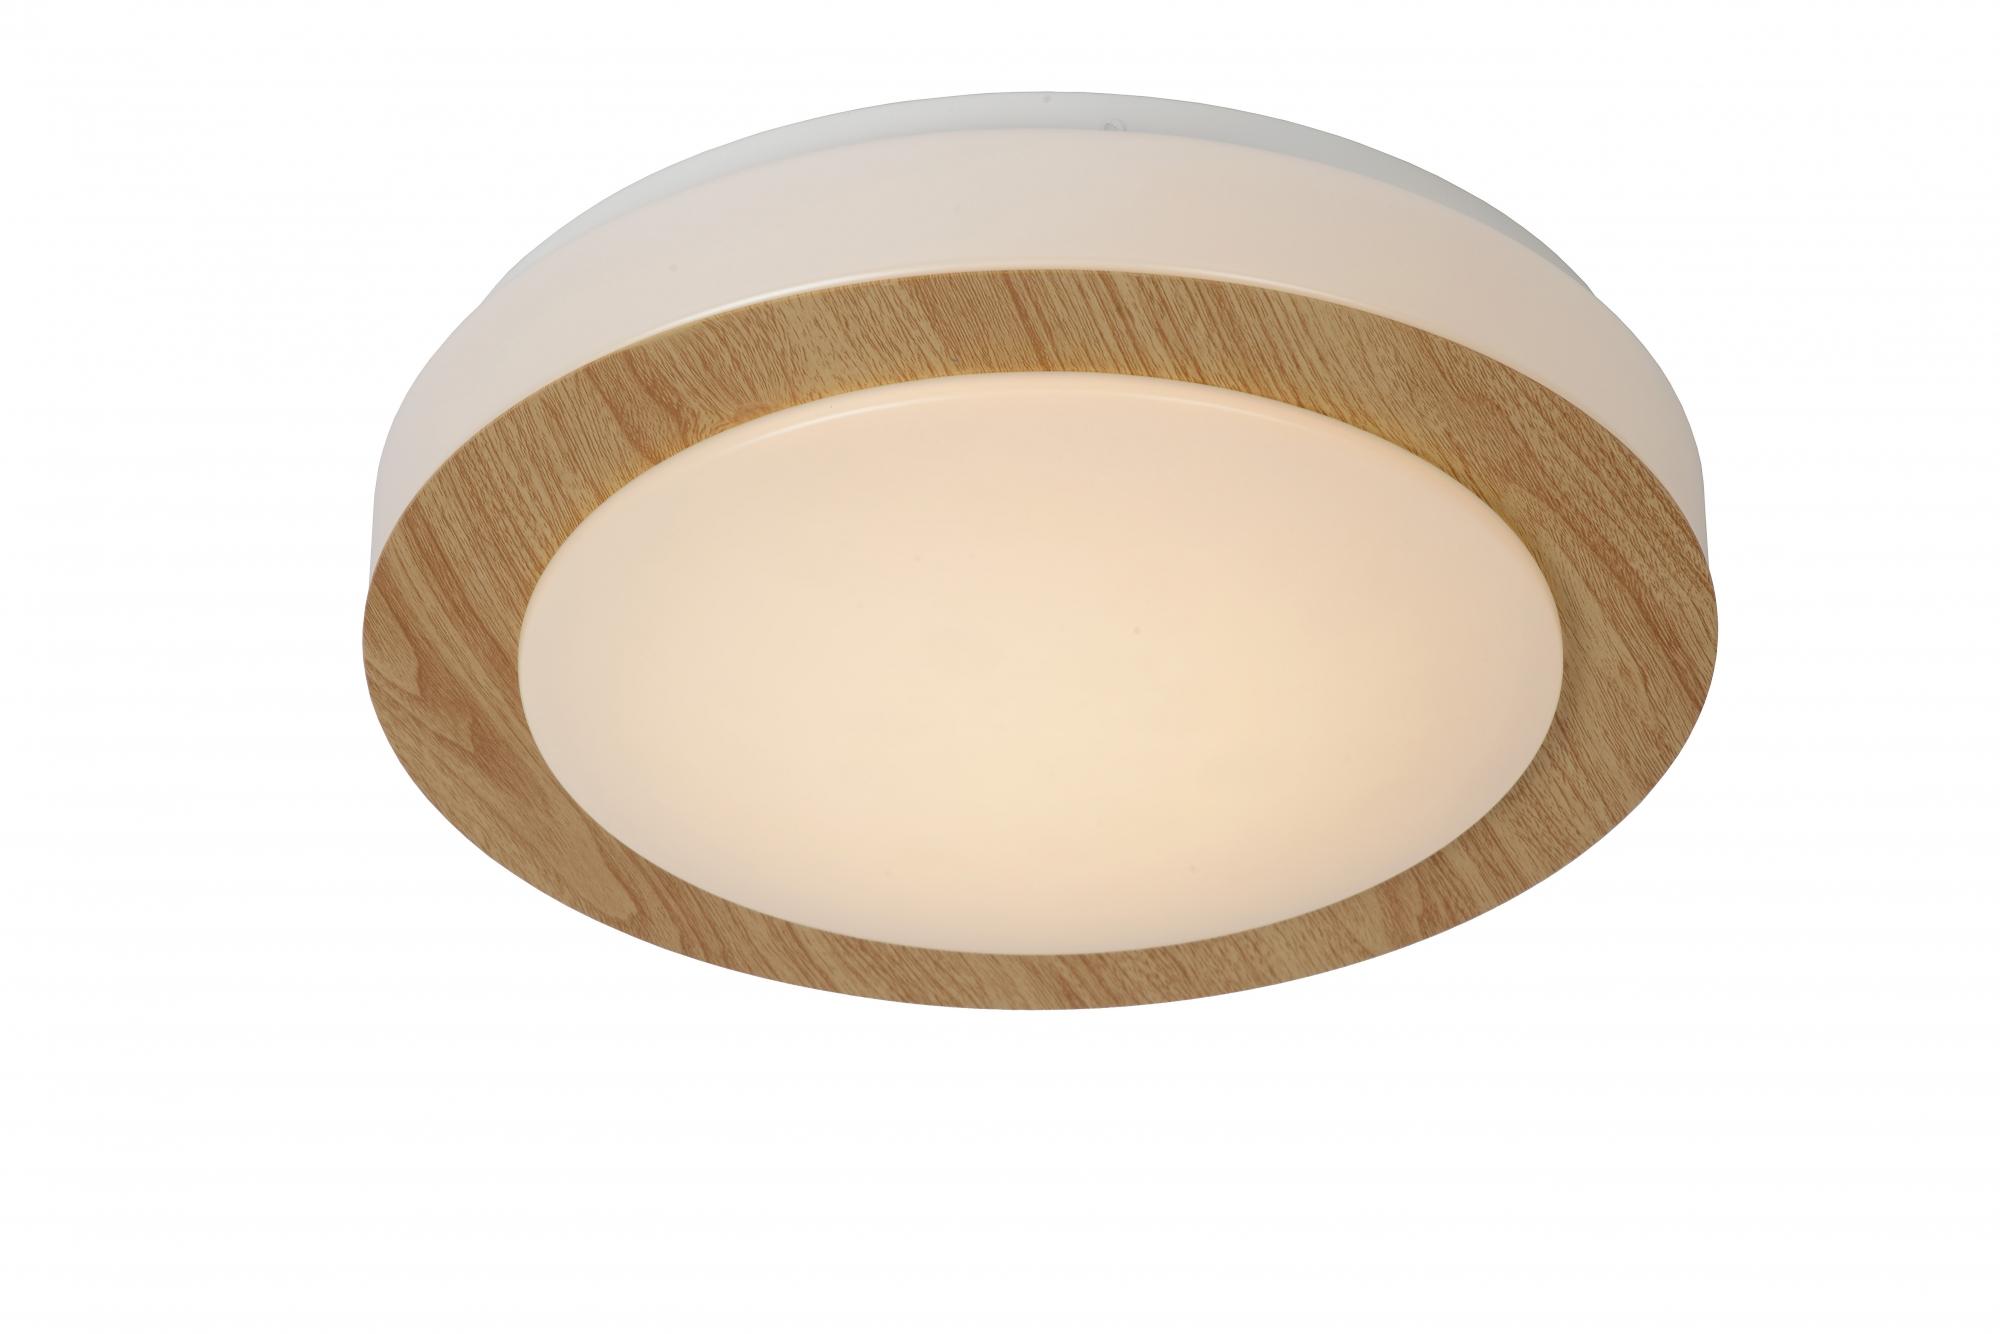 Потолочные светильники 79179/12/72 DIMY LED Lucide